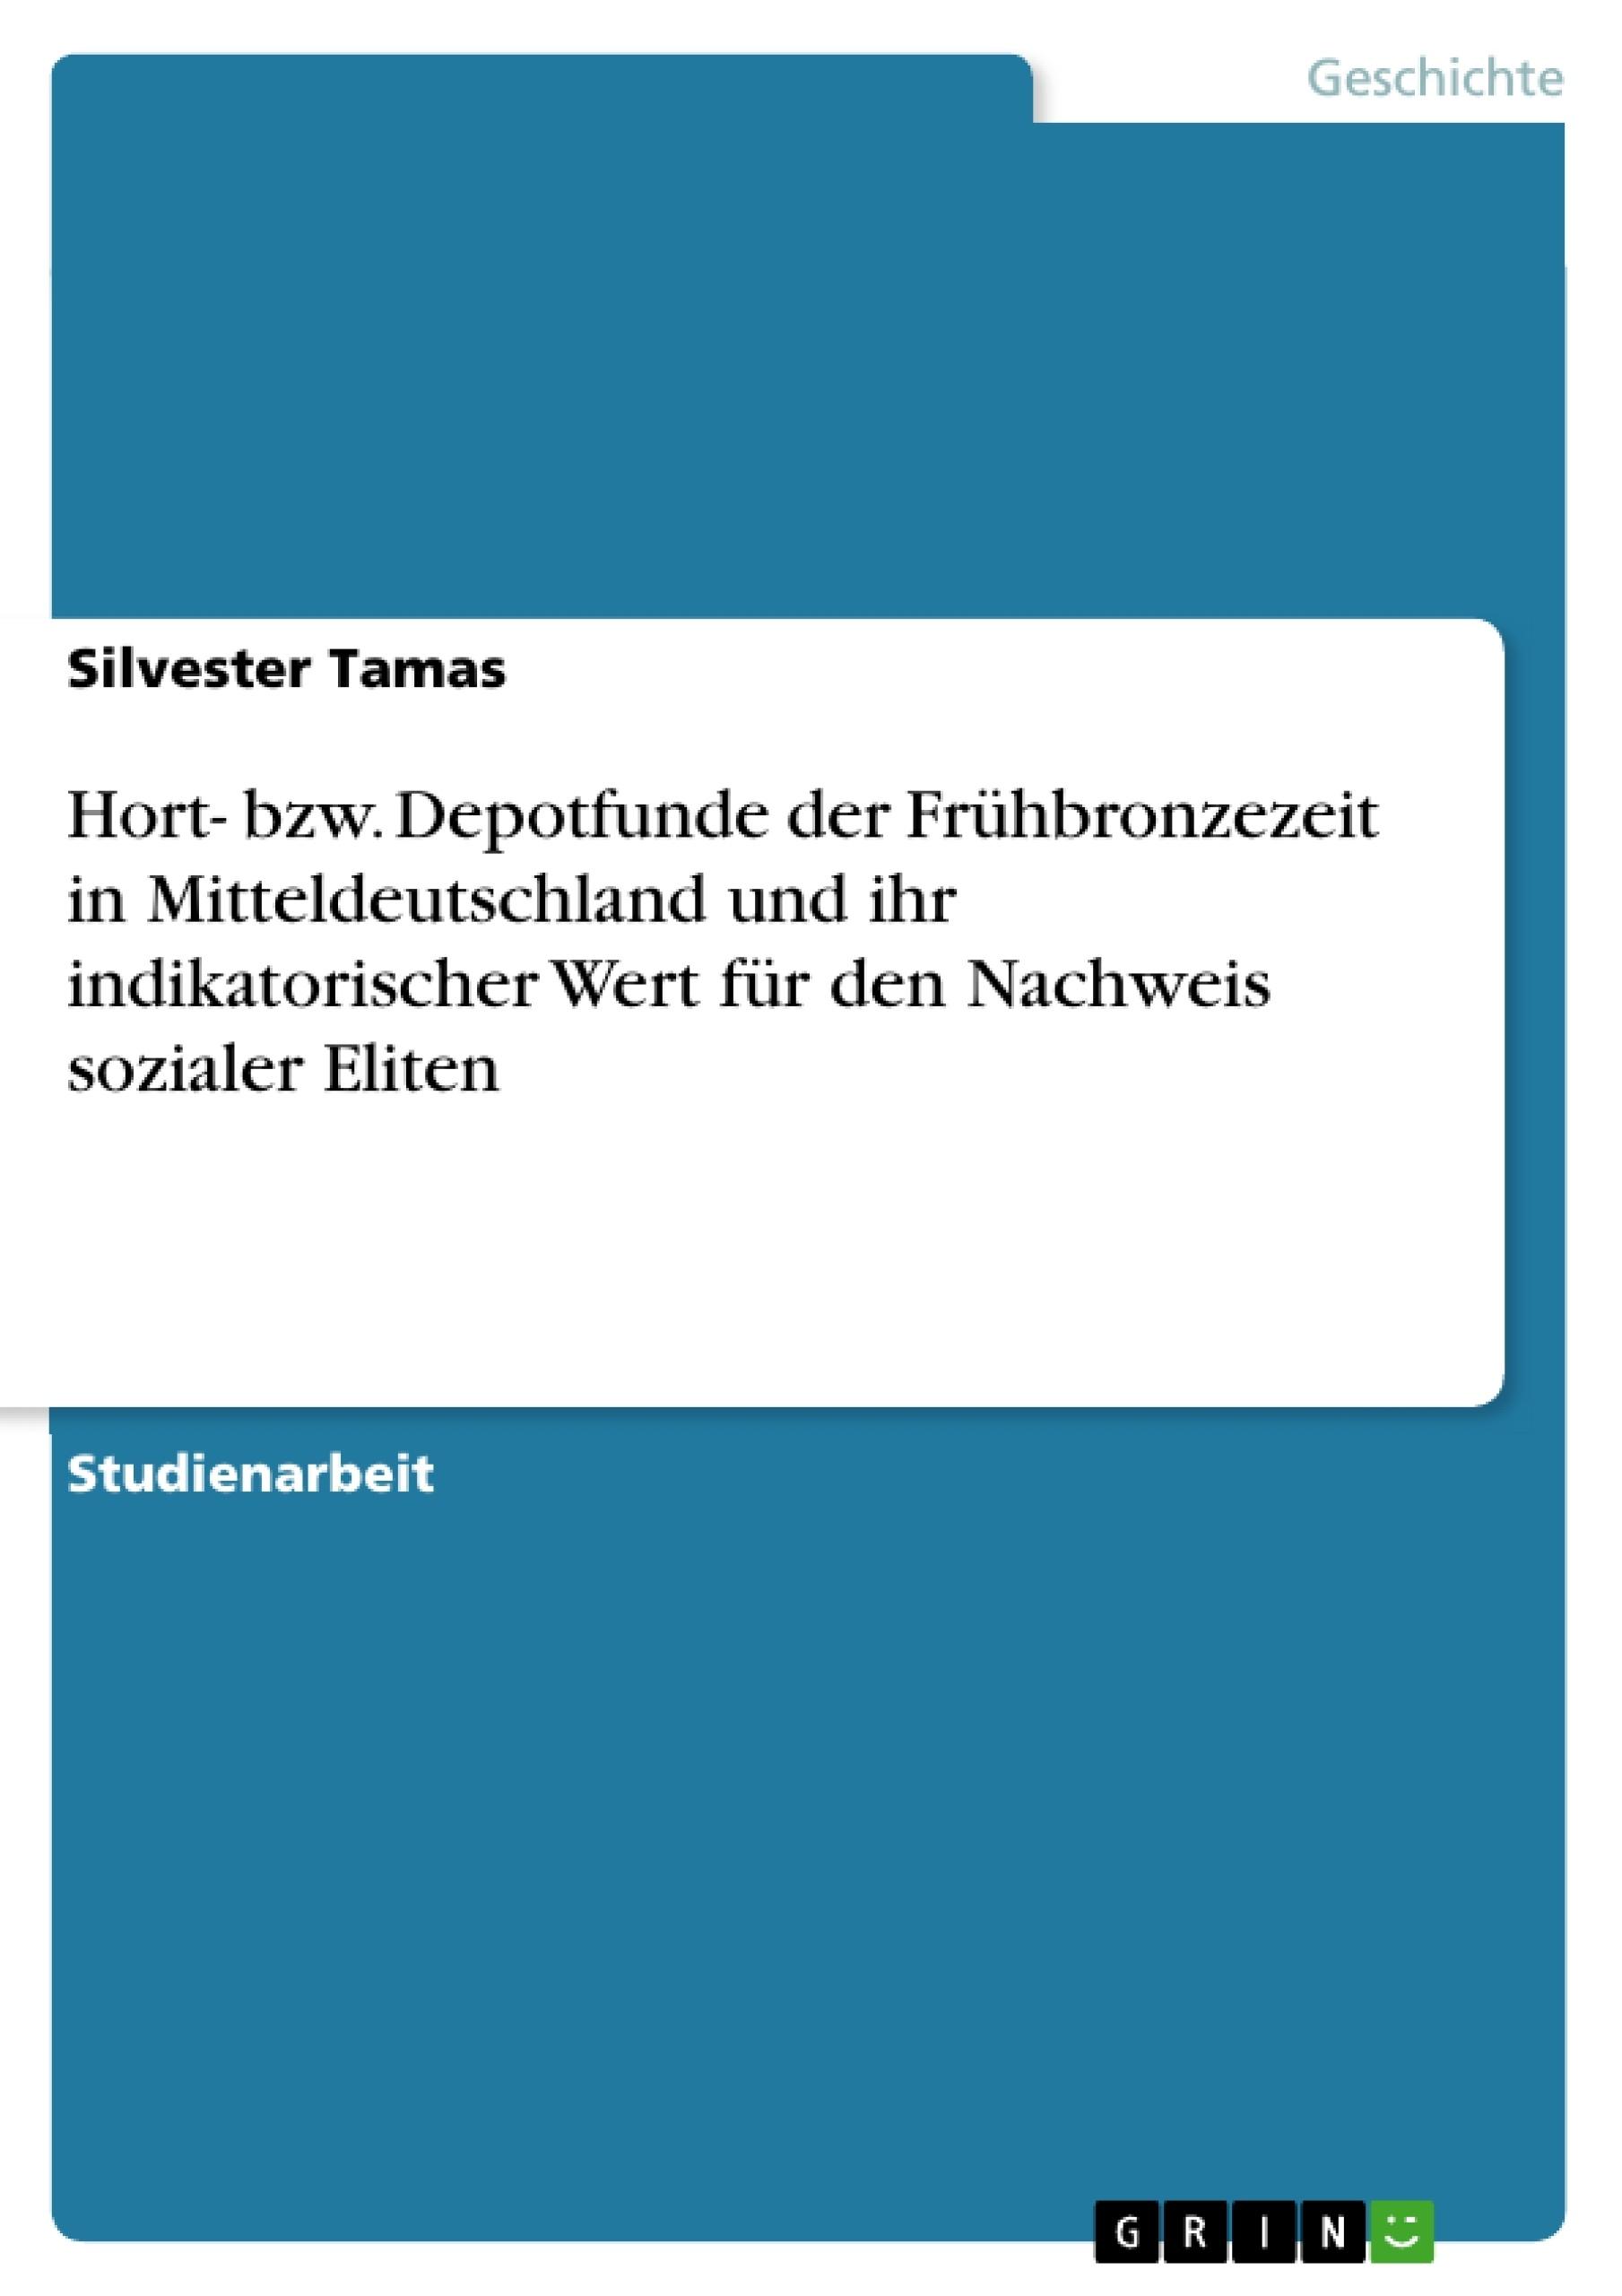 Titel: Hort- bzw. Depotfunde der Frühbronzezeit in Mitteldeutschland und ihr indikatorischer Wert für den Nachweis sozialer Eliten